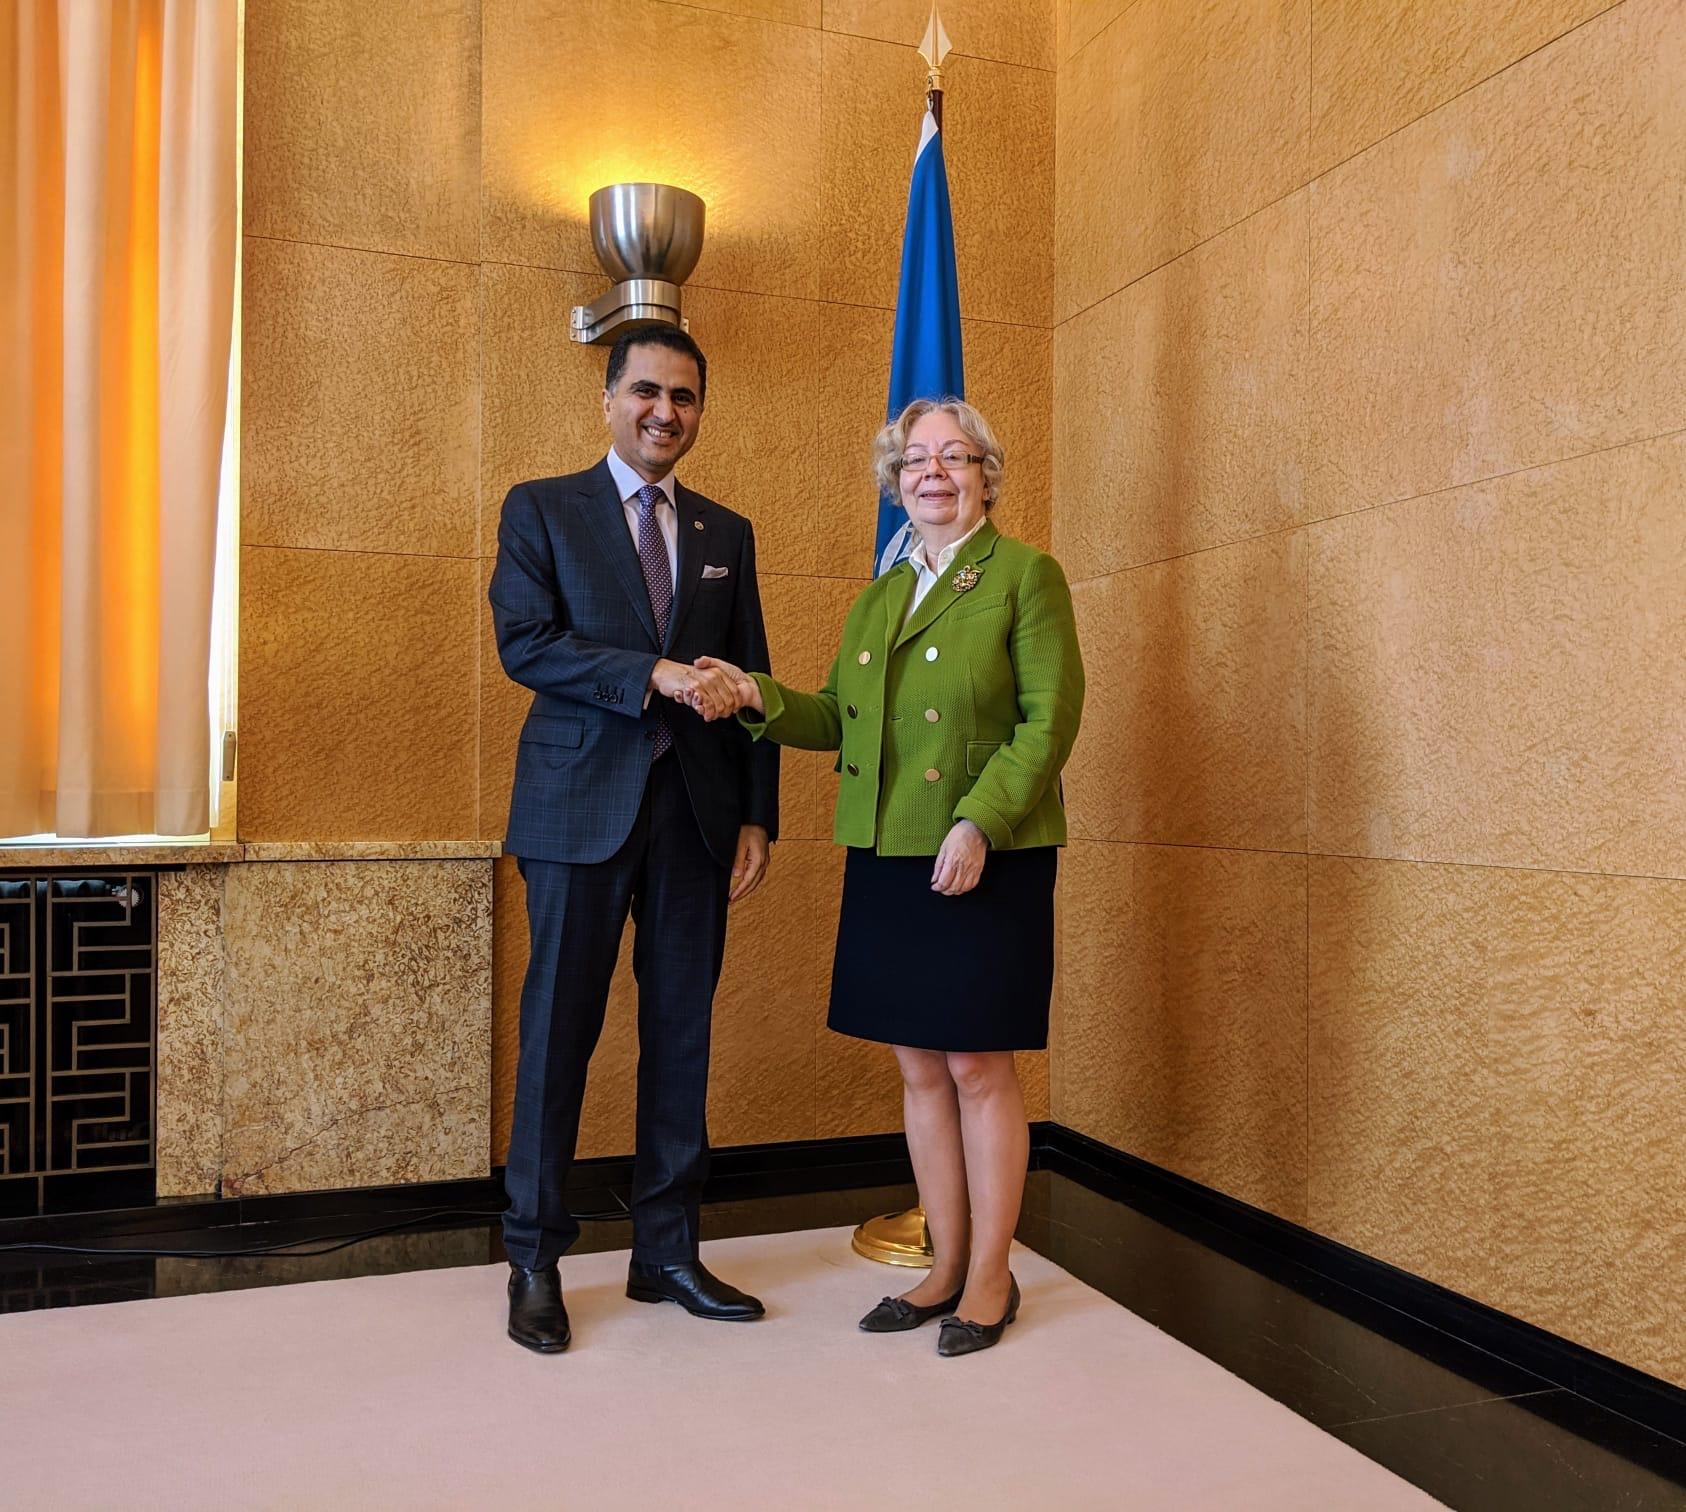 رسالة من نائب رئيس مجلس الوزراء وزير الخارجية إلى المديرة العامة لمكتب الأمم المتحدة بجنيف